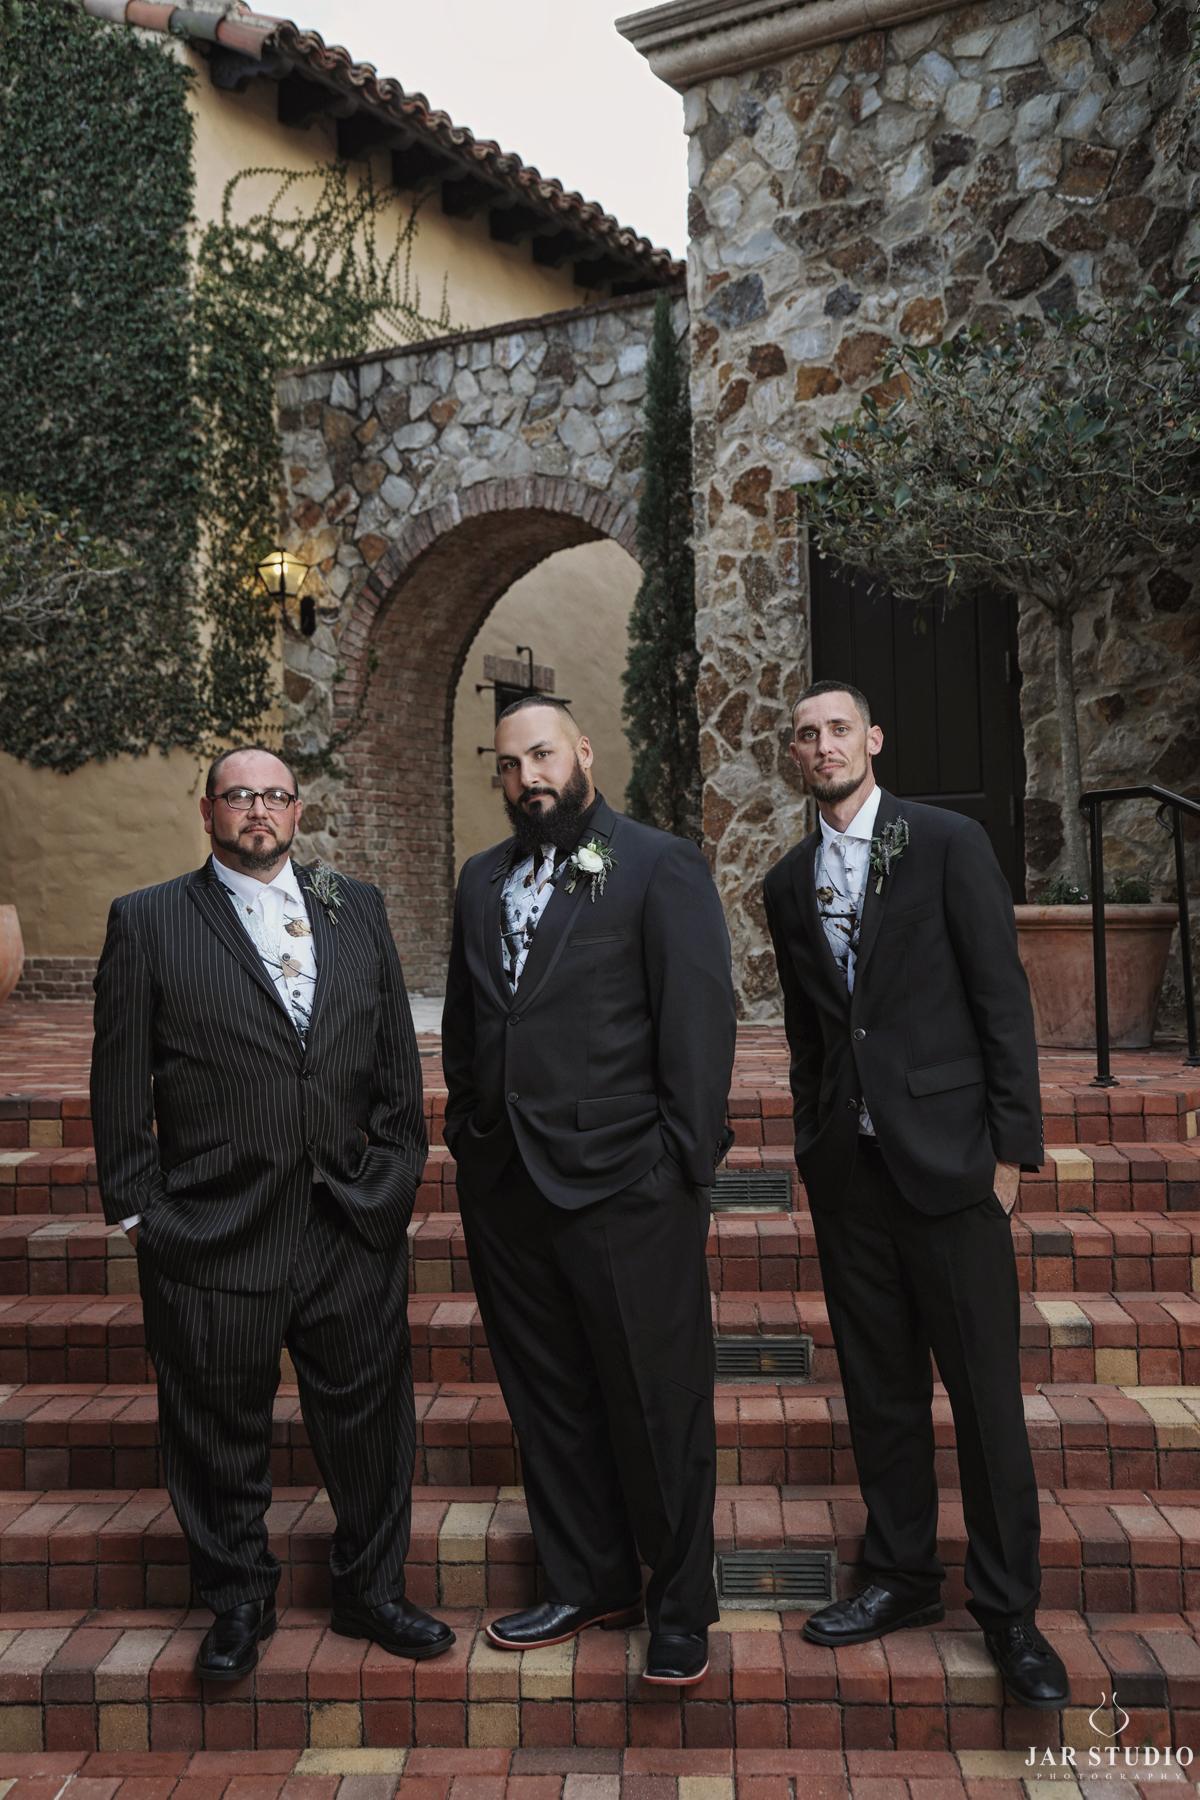 06-cool-italian-groom-groomsmen-jarstudio.jpg